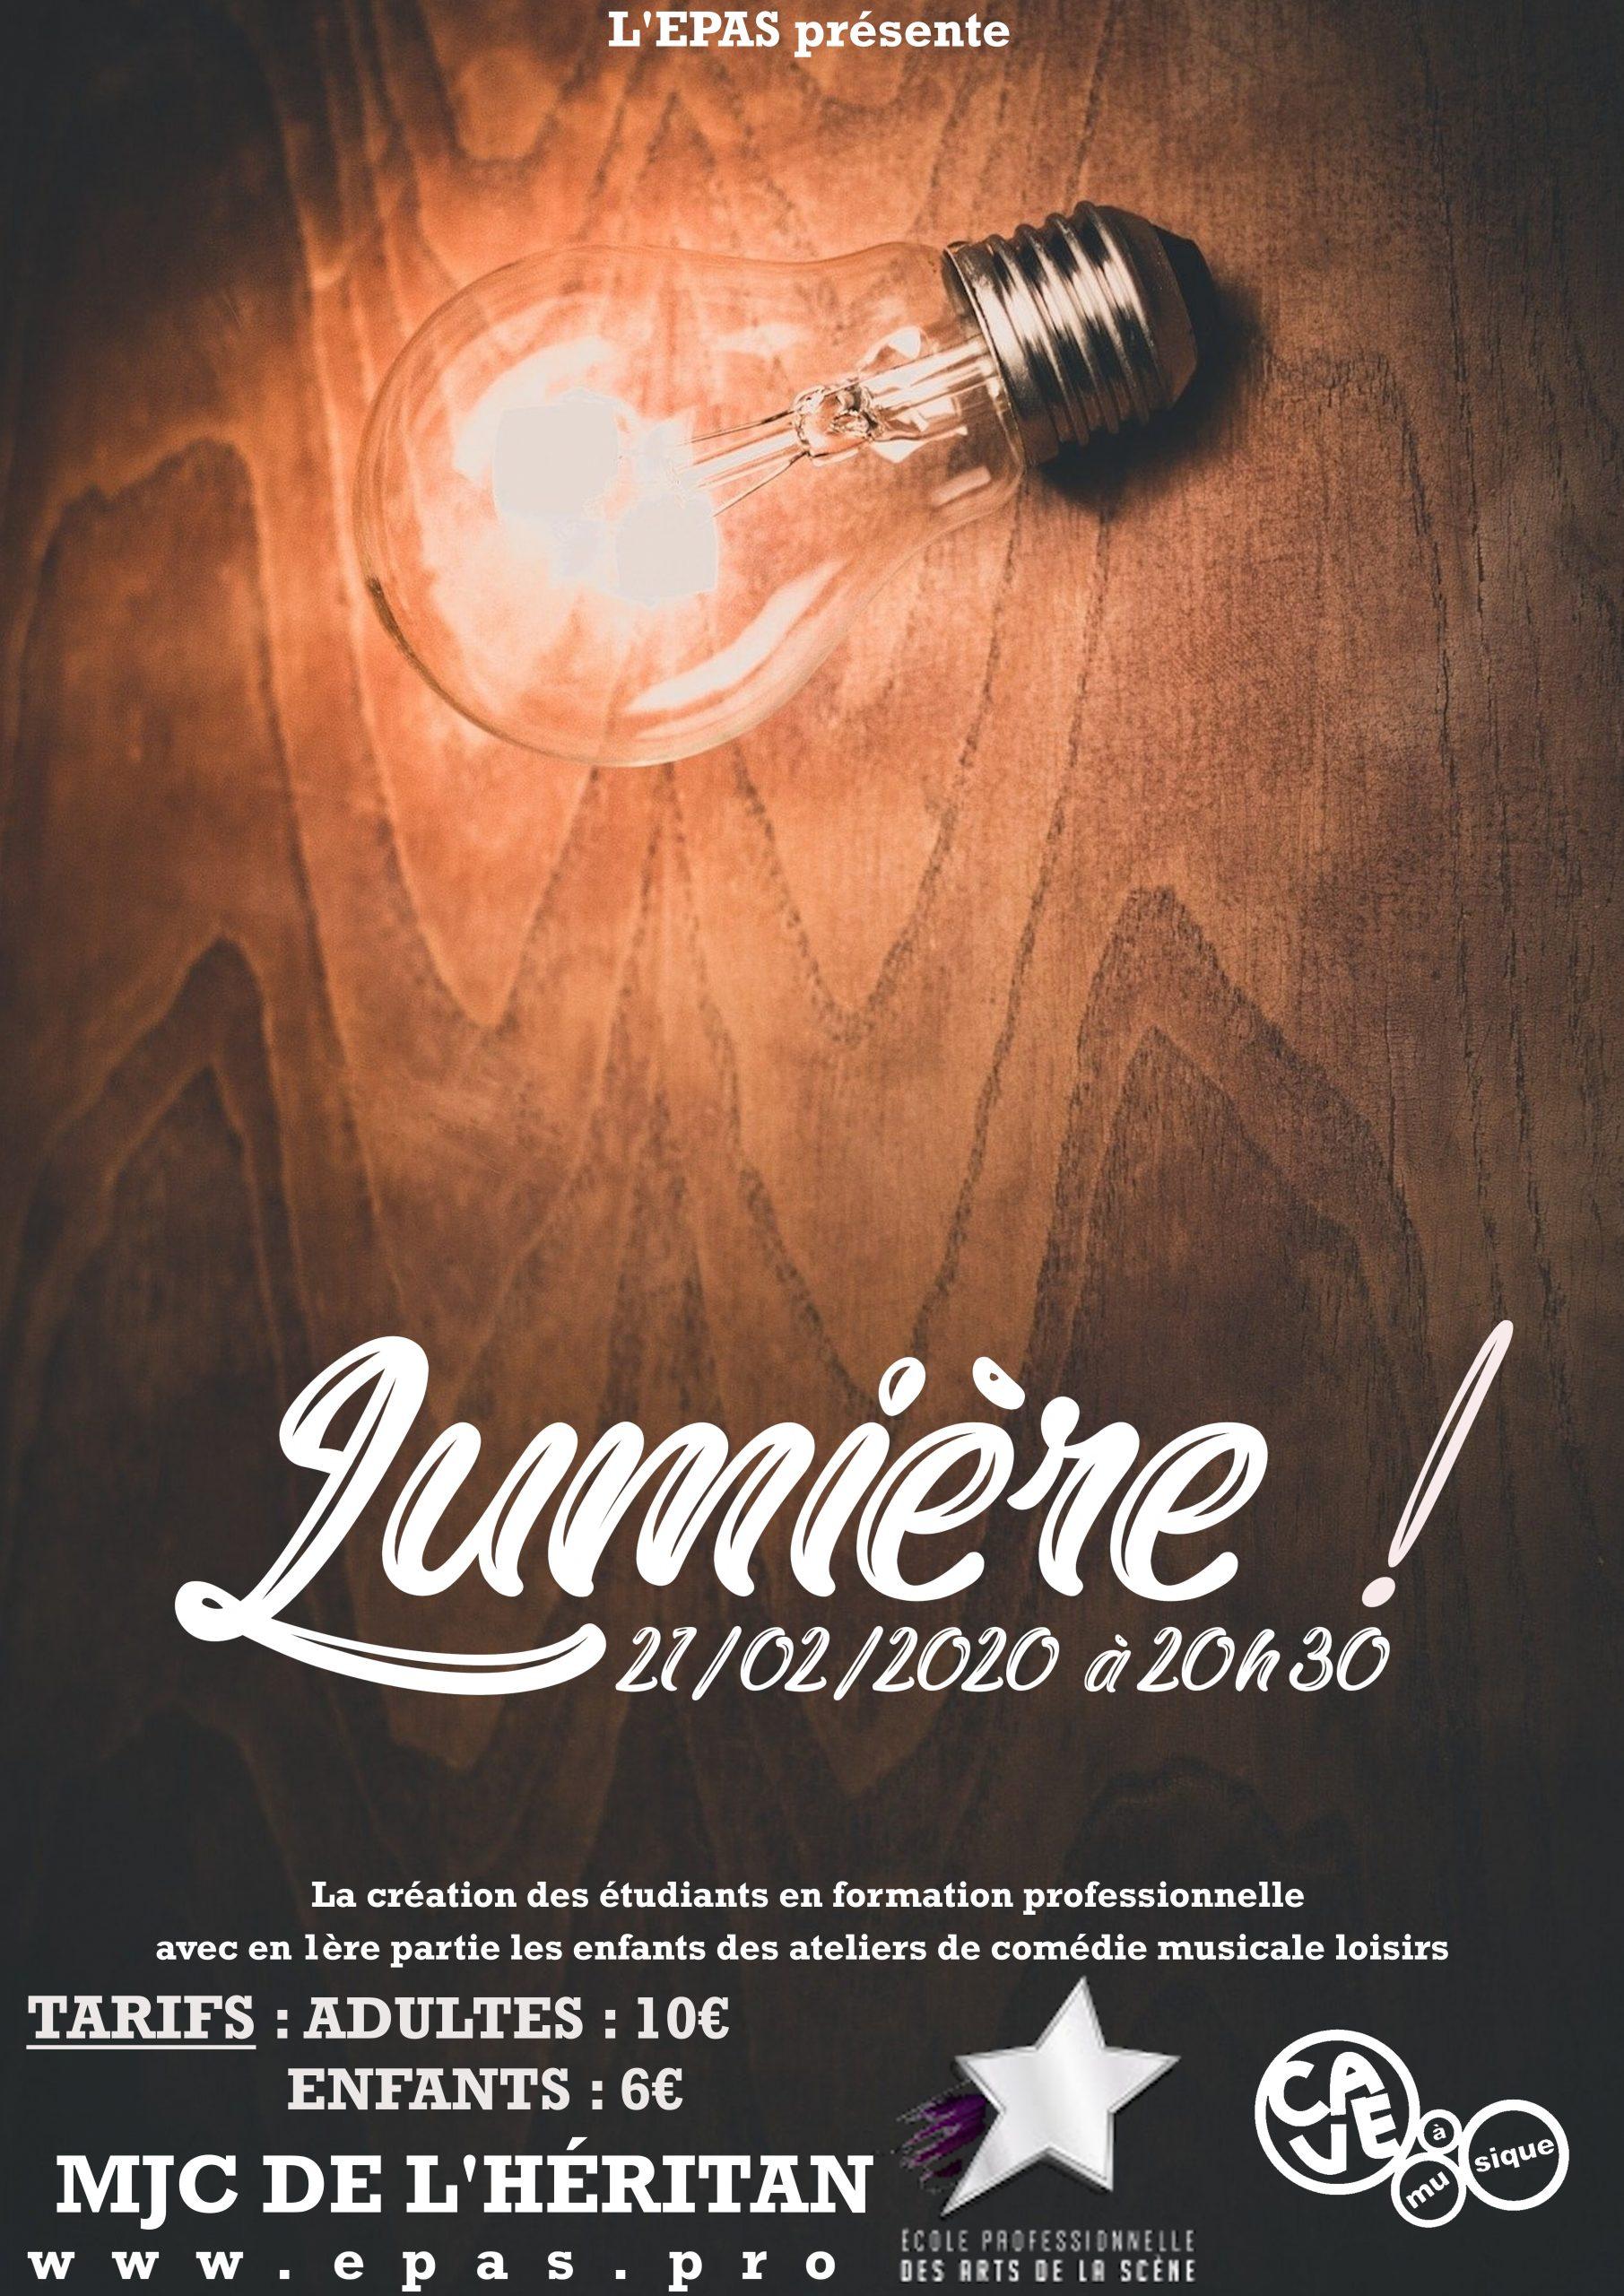 Affiche du spectacle pluridisciplinaire Lunière par les artistes etudiants en formation Pro à l'EPAS, MJC Heritan de Mâcon, fevrier 2020